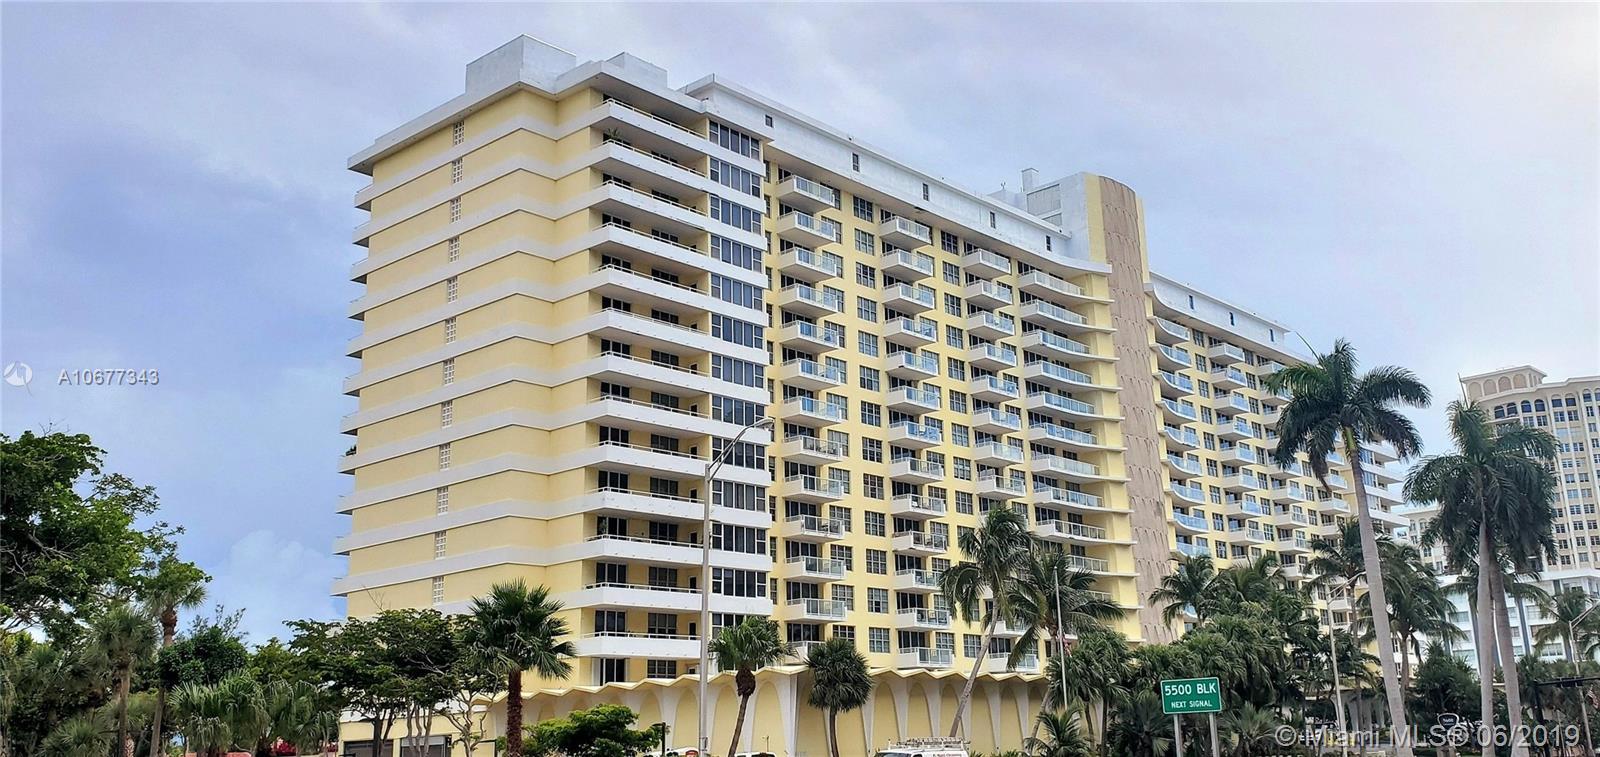 5600 Collins Ave #6D, Miami Beach, FL 33140 - Miami Beach, FL real estate listing